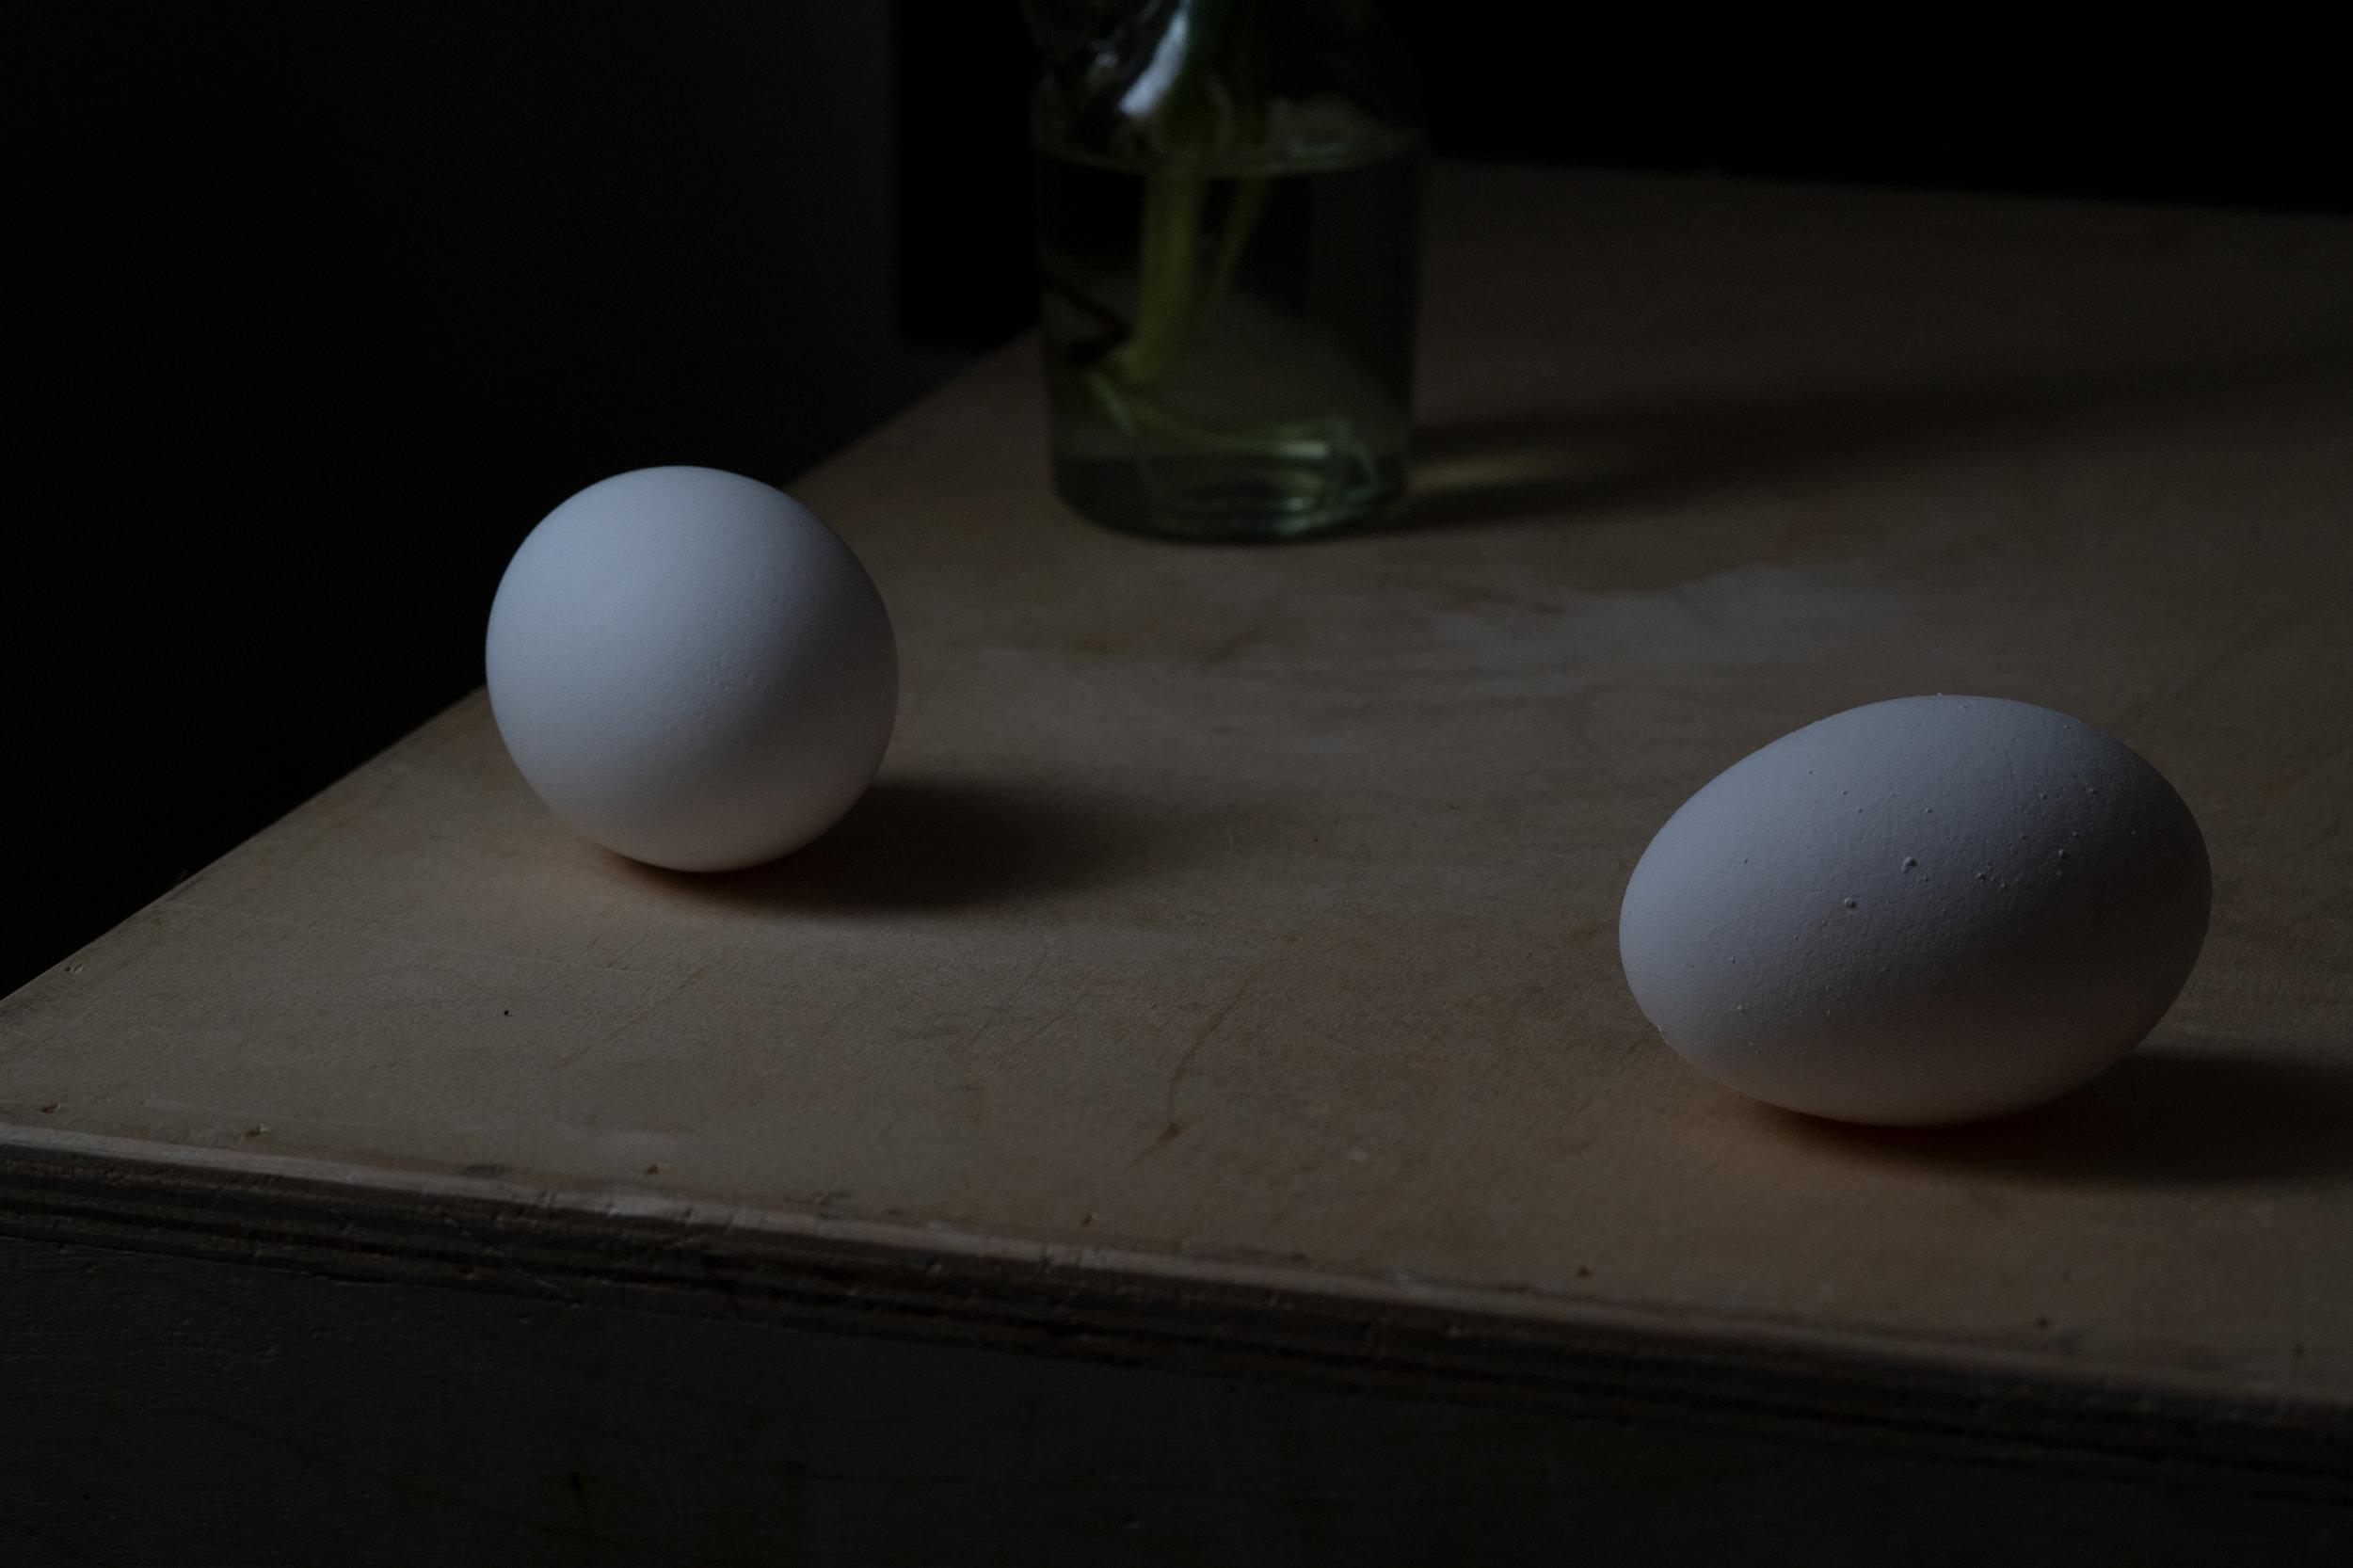 190302_Eggs_0070.jpg